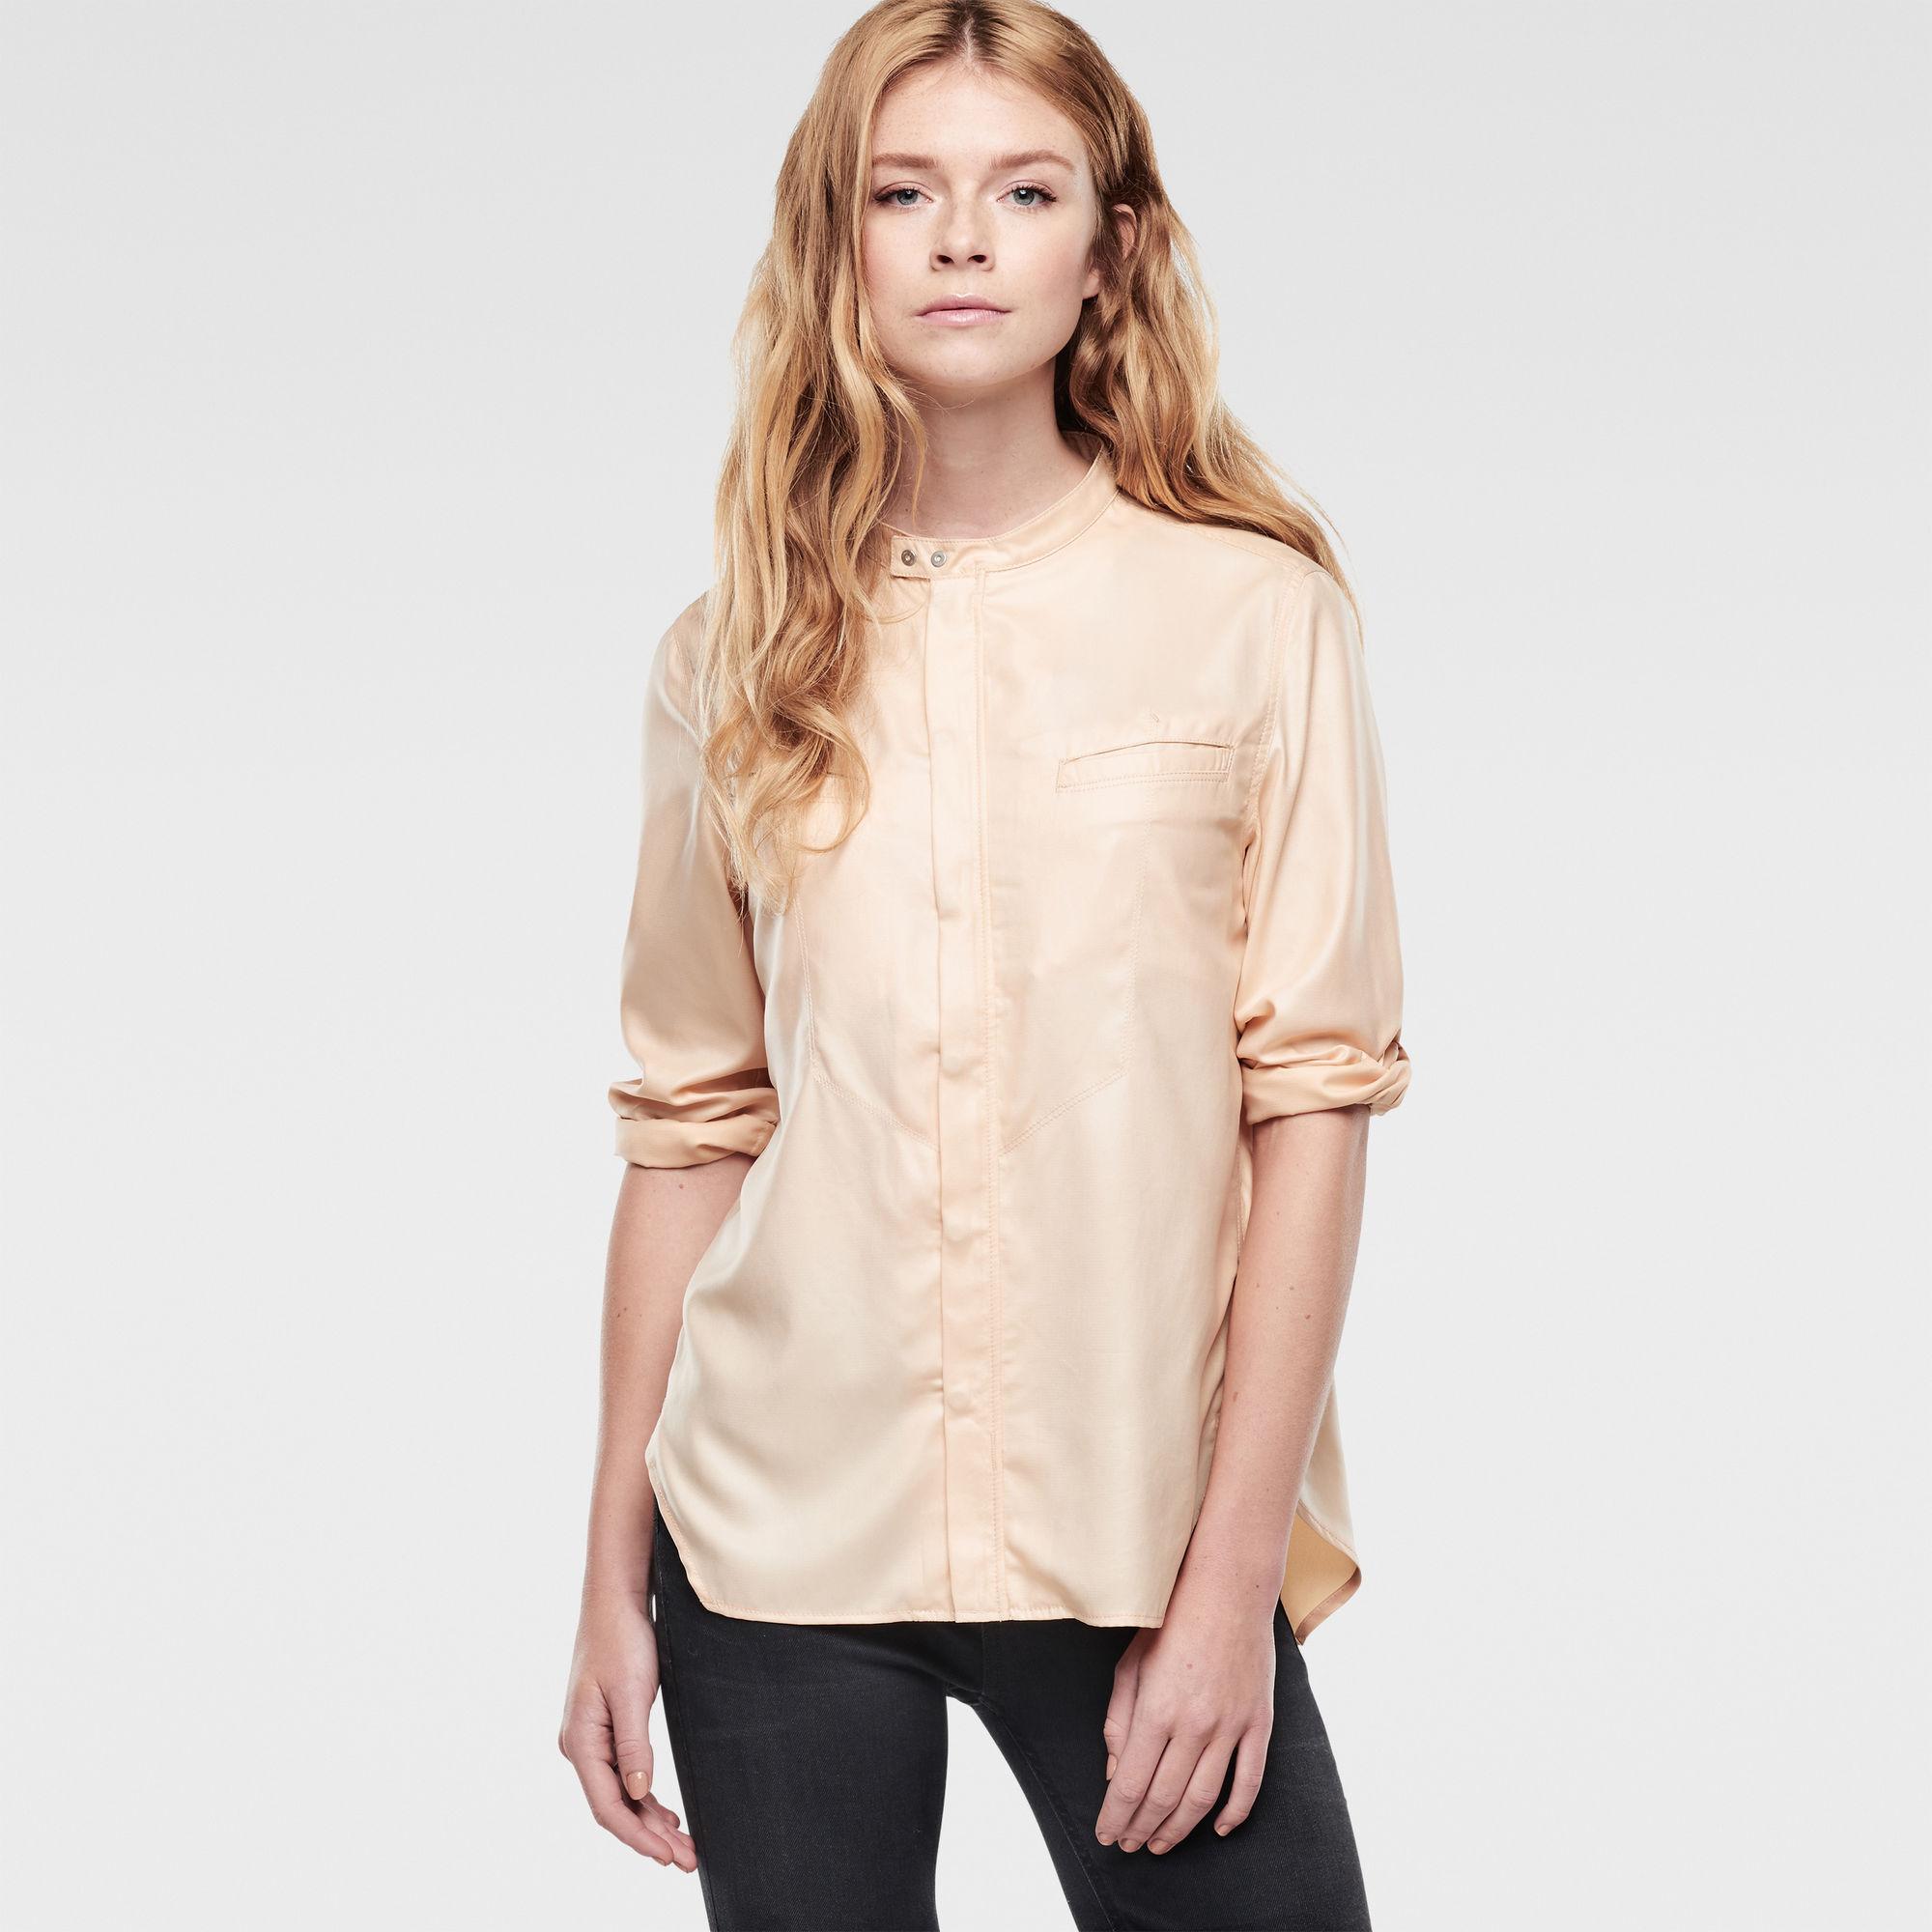 Pavan Loose 3/4 Sleeve Shirt